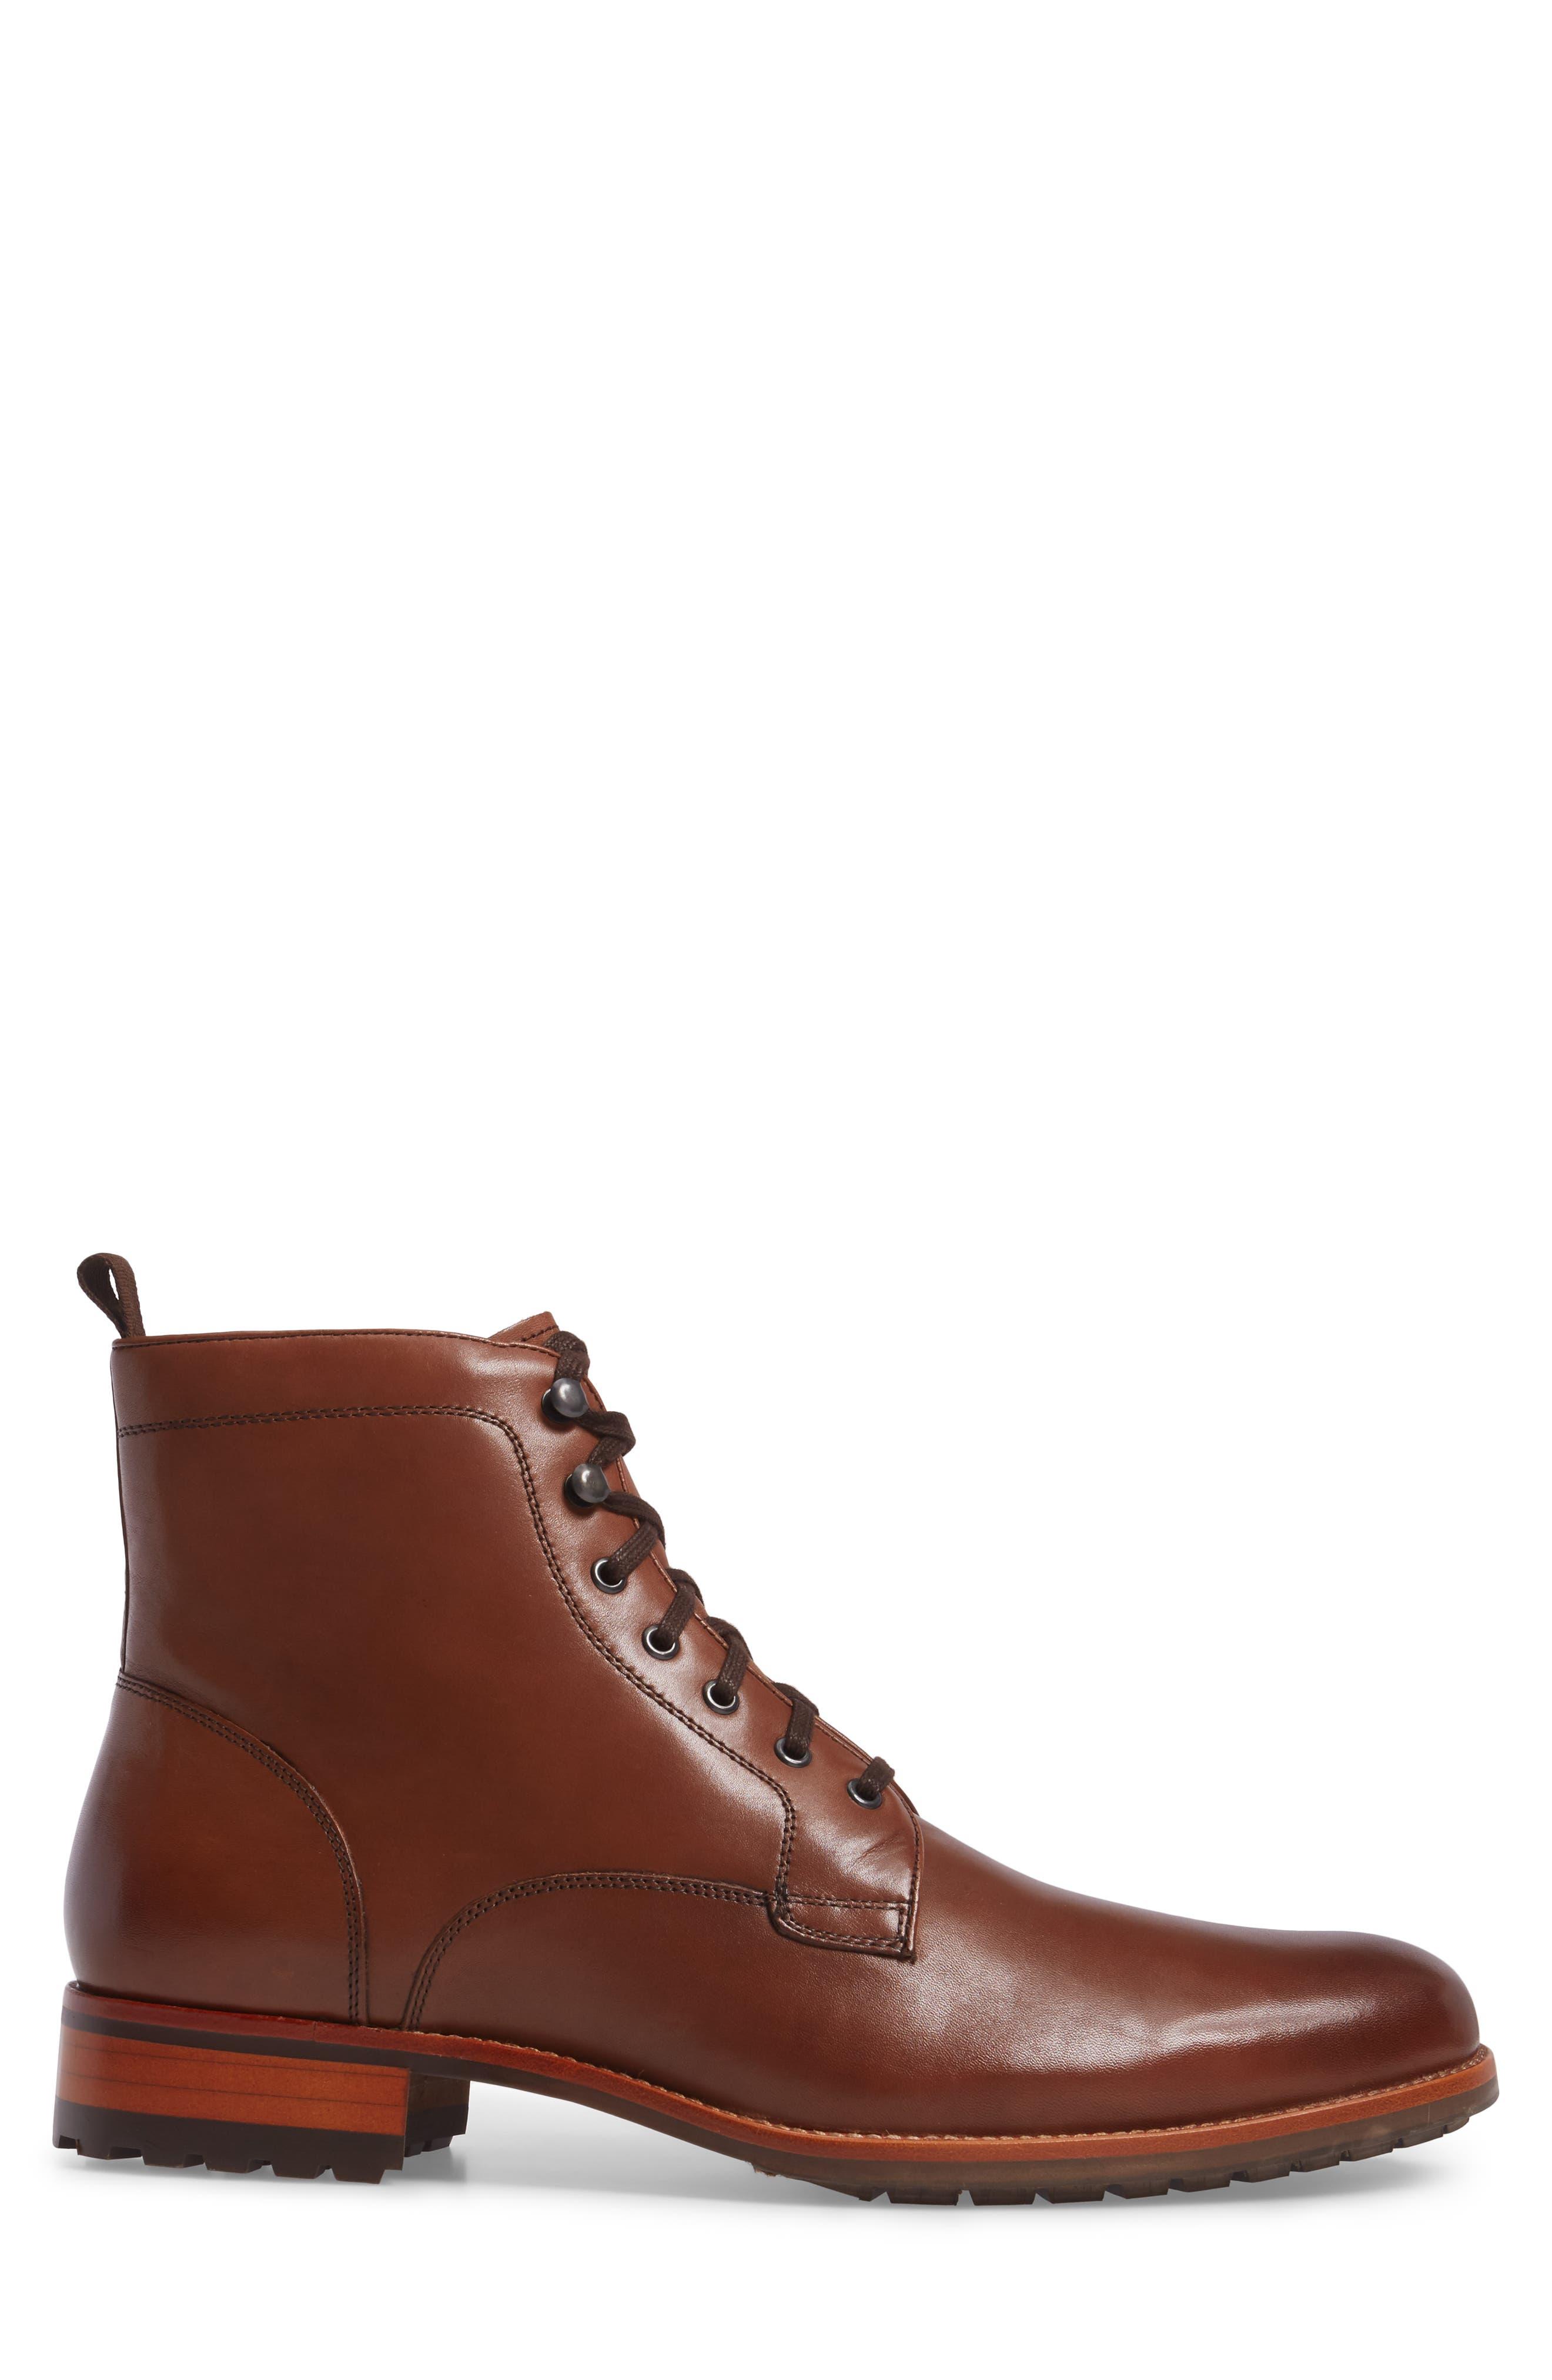 Alternate Image 3  - John W. Nordstrom® Axeford Plain Toe Boot (Men)